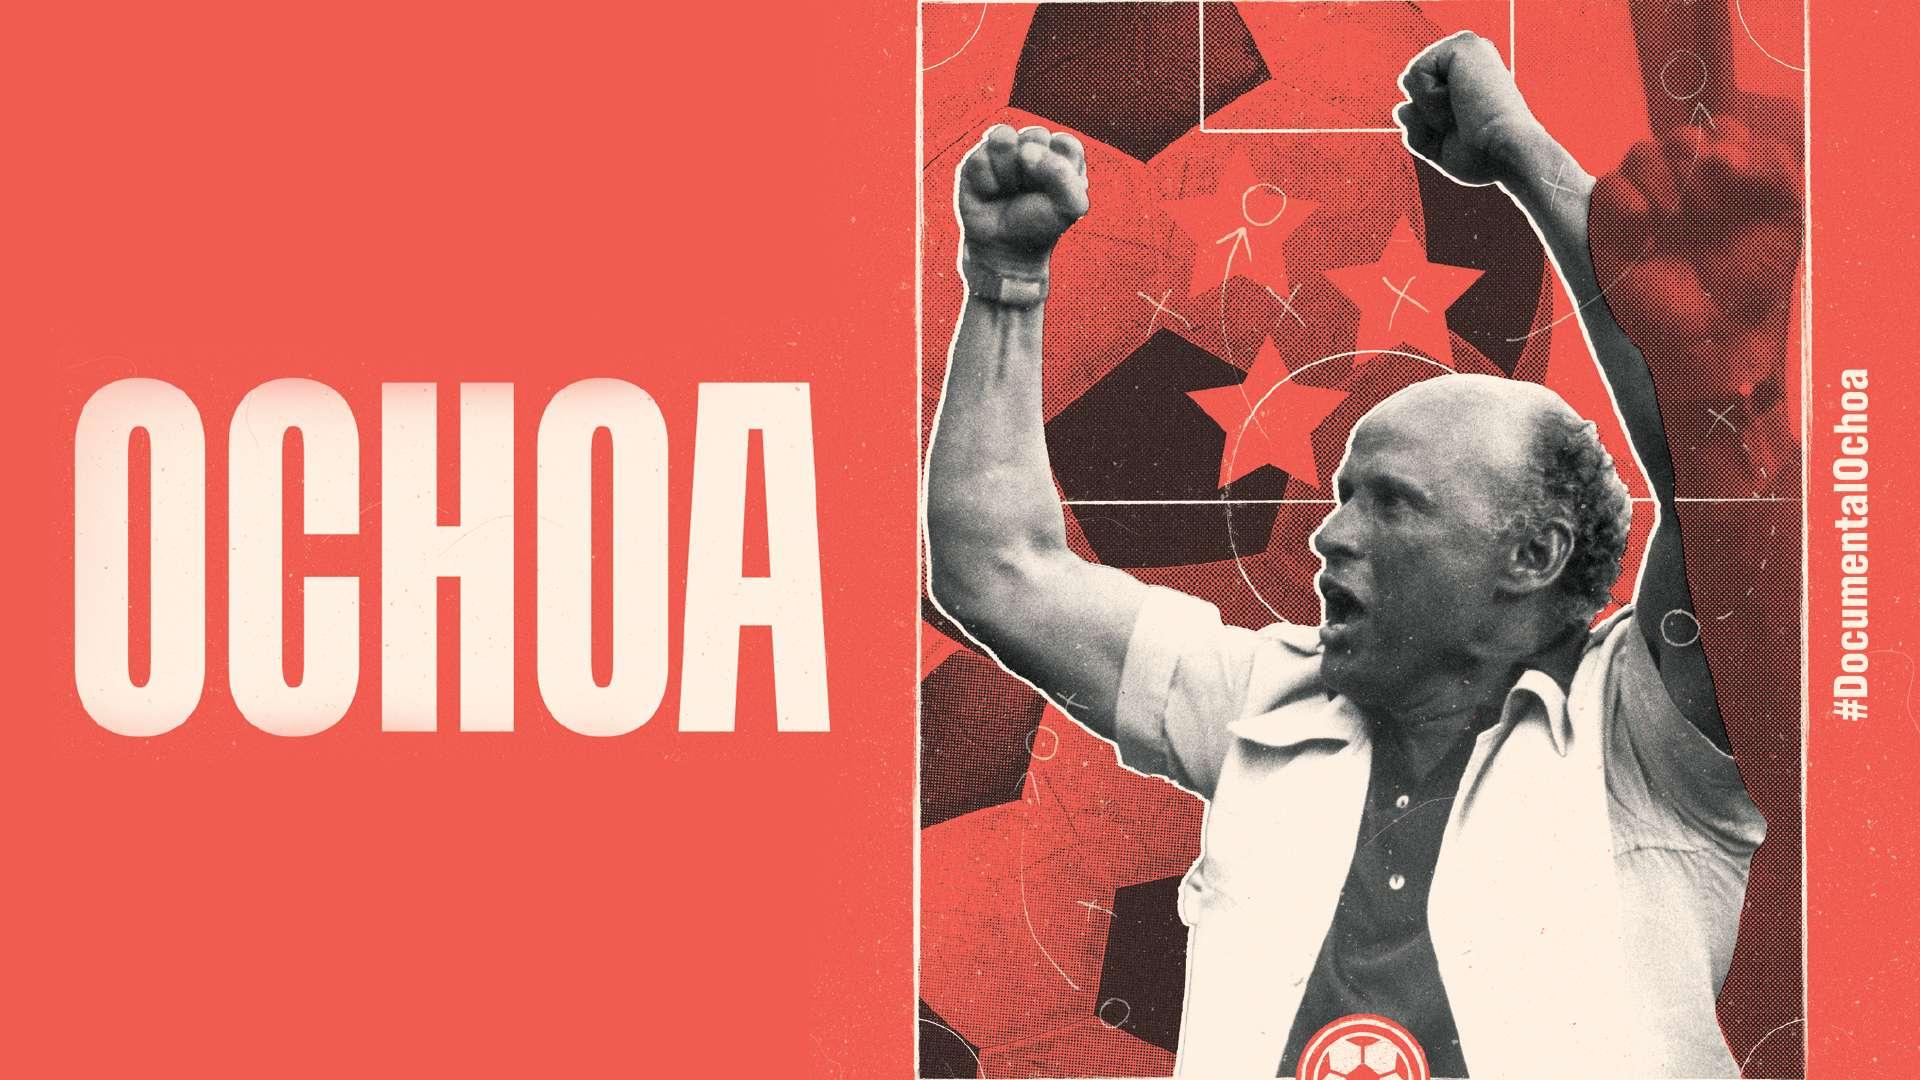 'Ochoa': Documental sobre la vida de Gabriel Ochoa Uribe